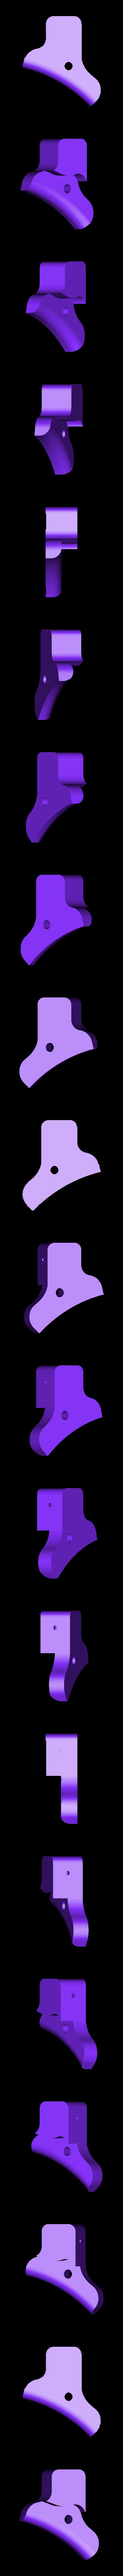 bass_leg_R2_shell.stl Télécharger fichier STL gratuit 8 pouces Bass Drum Pad Ver.2 • Plan imprimable en 3D, RyoKosaka